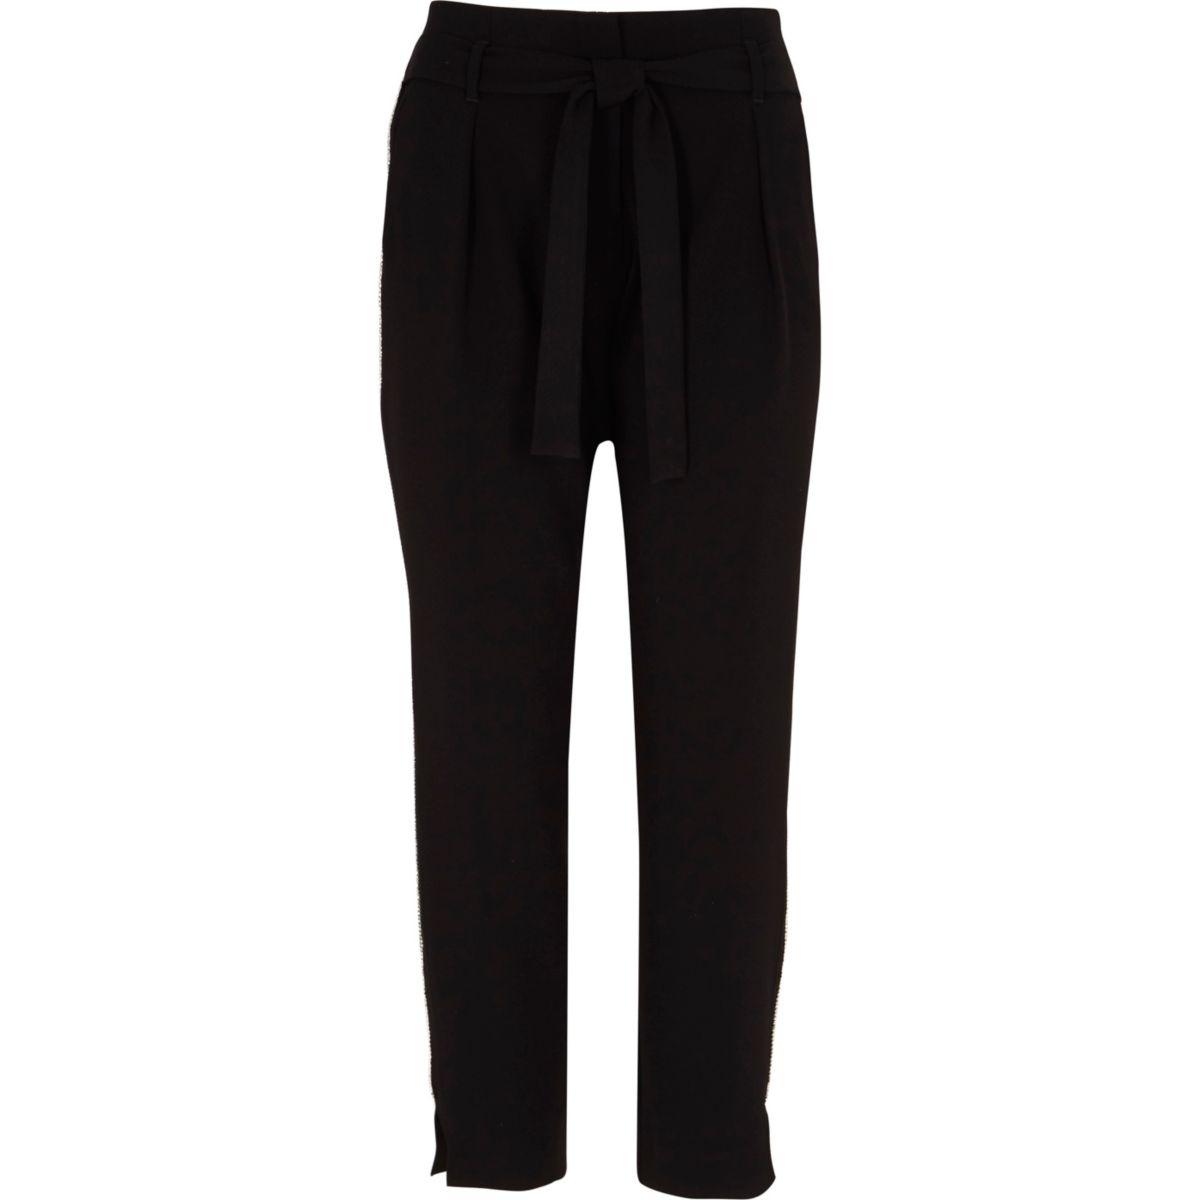 Zwarte smaltoelopende broek met siersteentjes